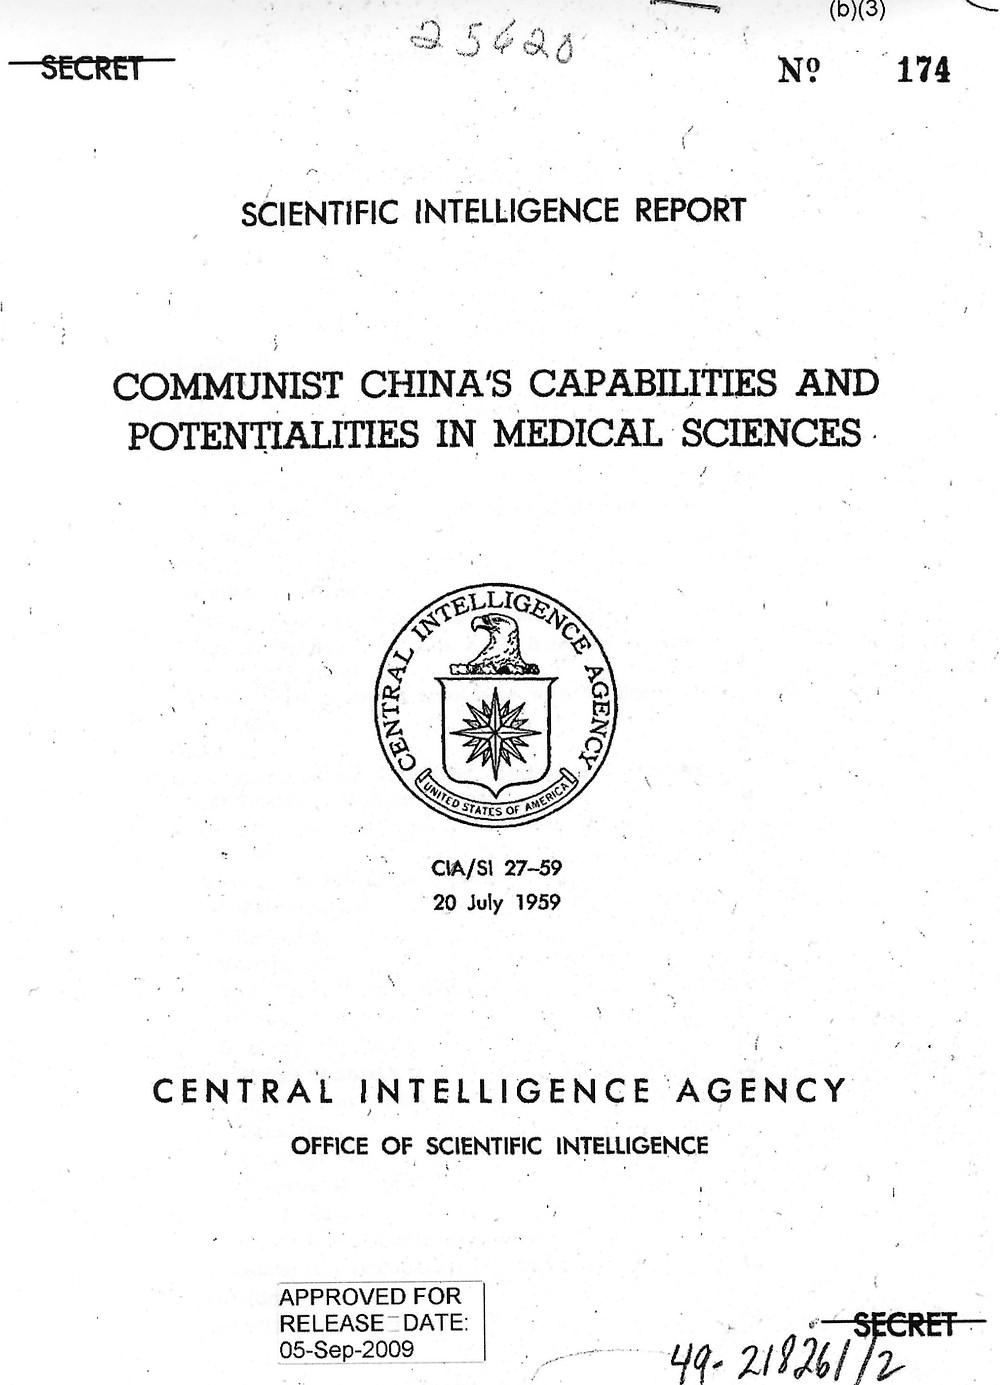 Rapport déclassifié de la CIA de 1959, synthétisant notamment la recherche des Chinois sur les virus et bactéries, le rôle de l'Académie des Sciences militaires médicales et l'effort de guerre biologique.